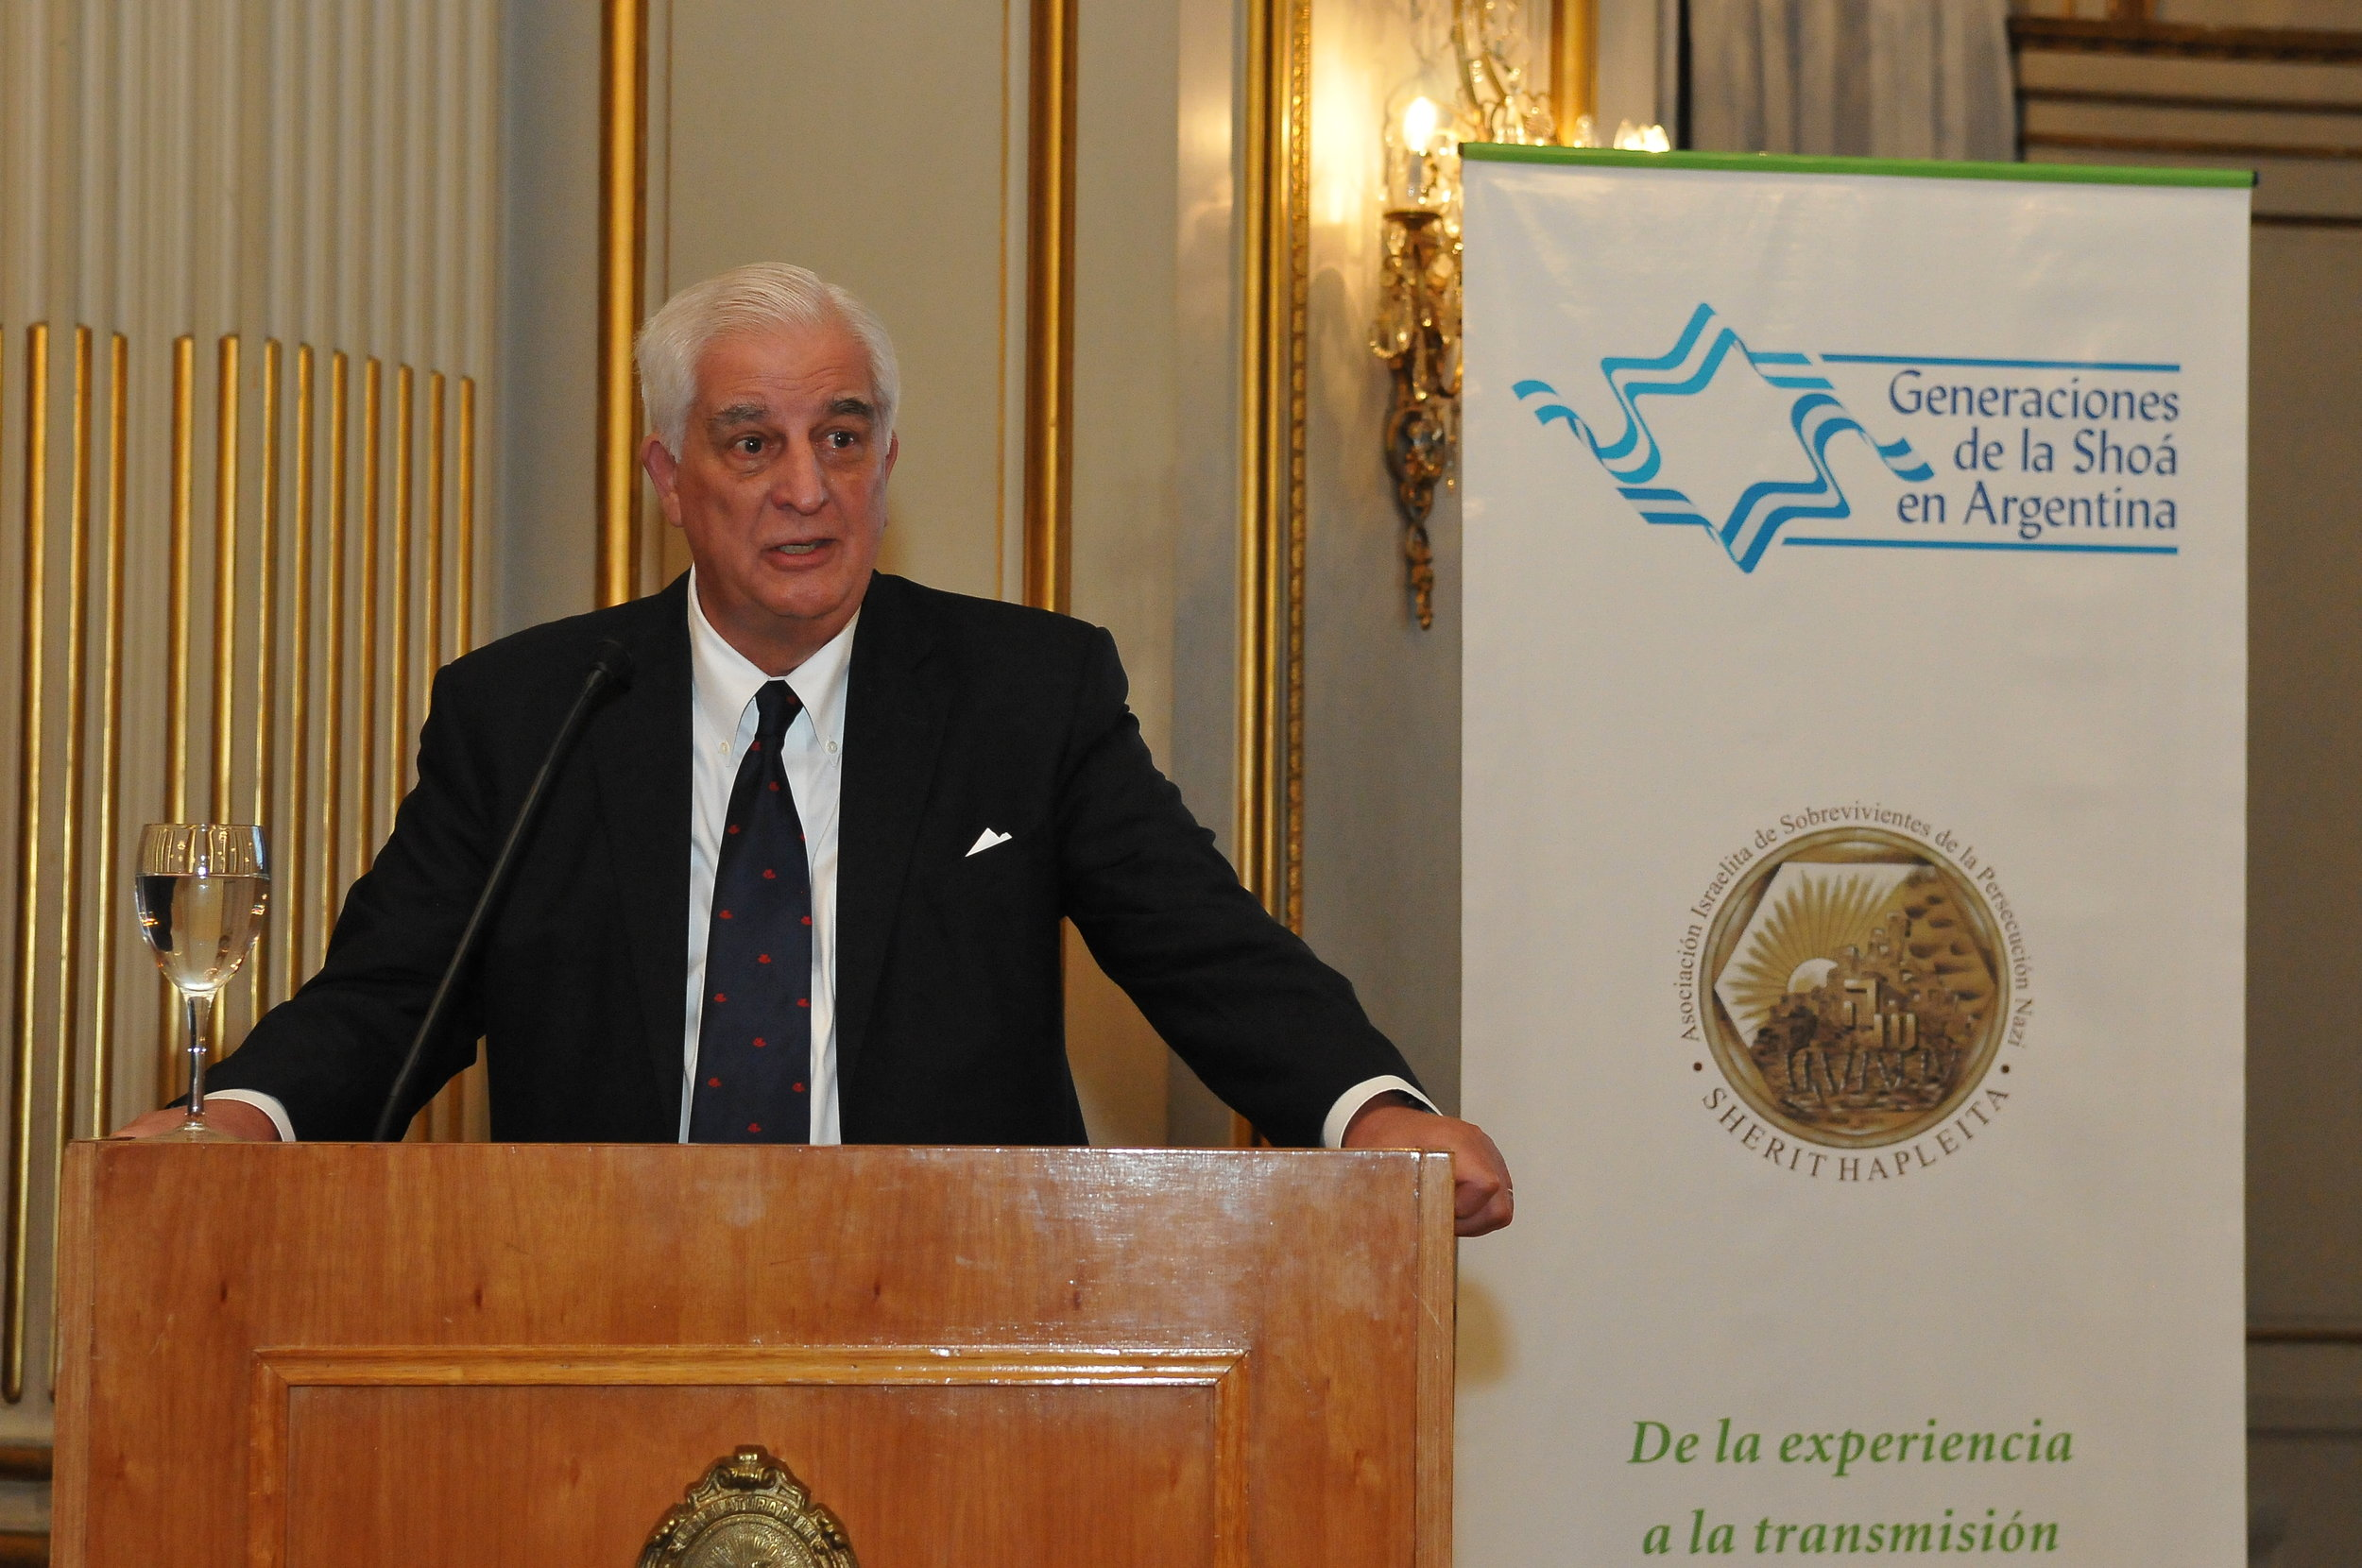 Dr Emilio Cárdenas